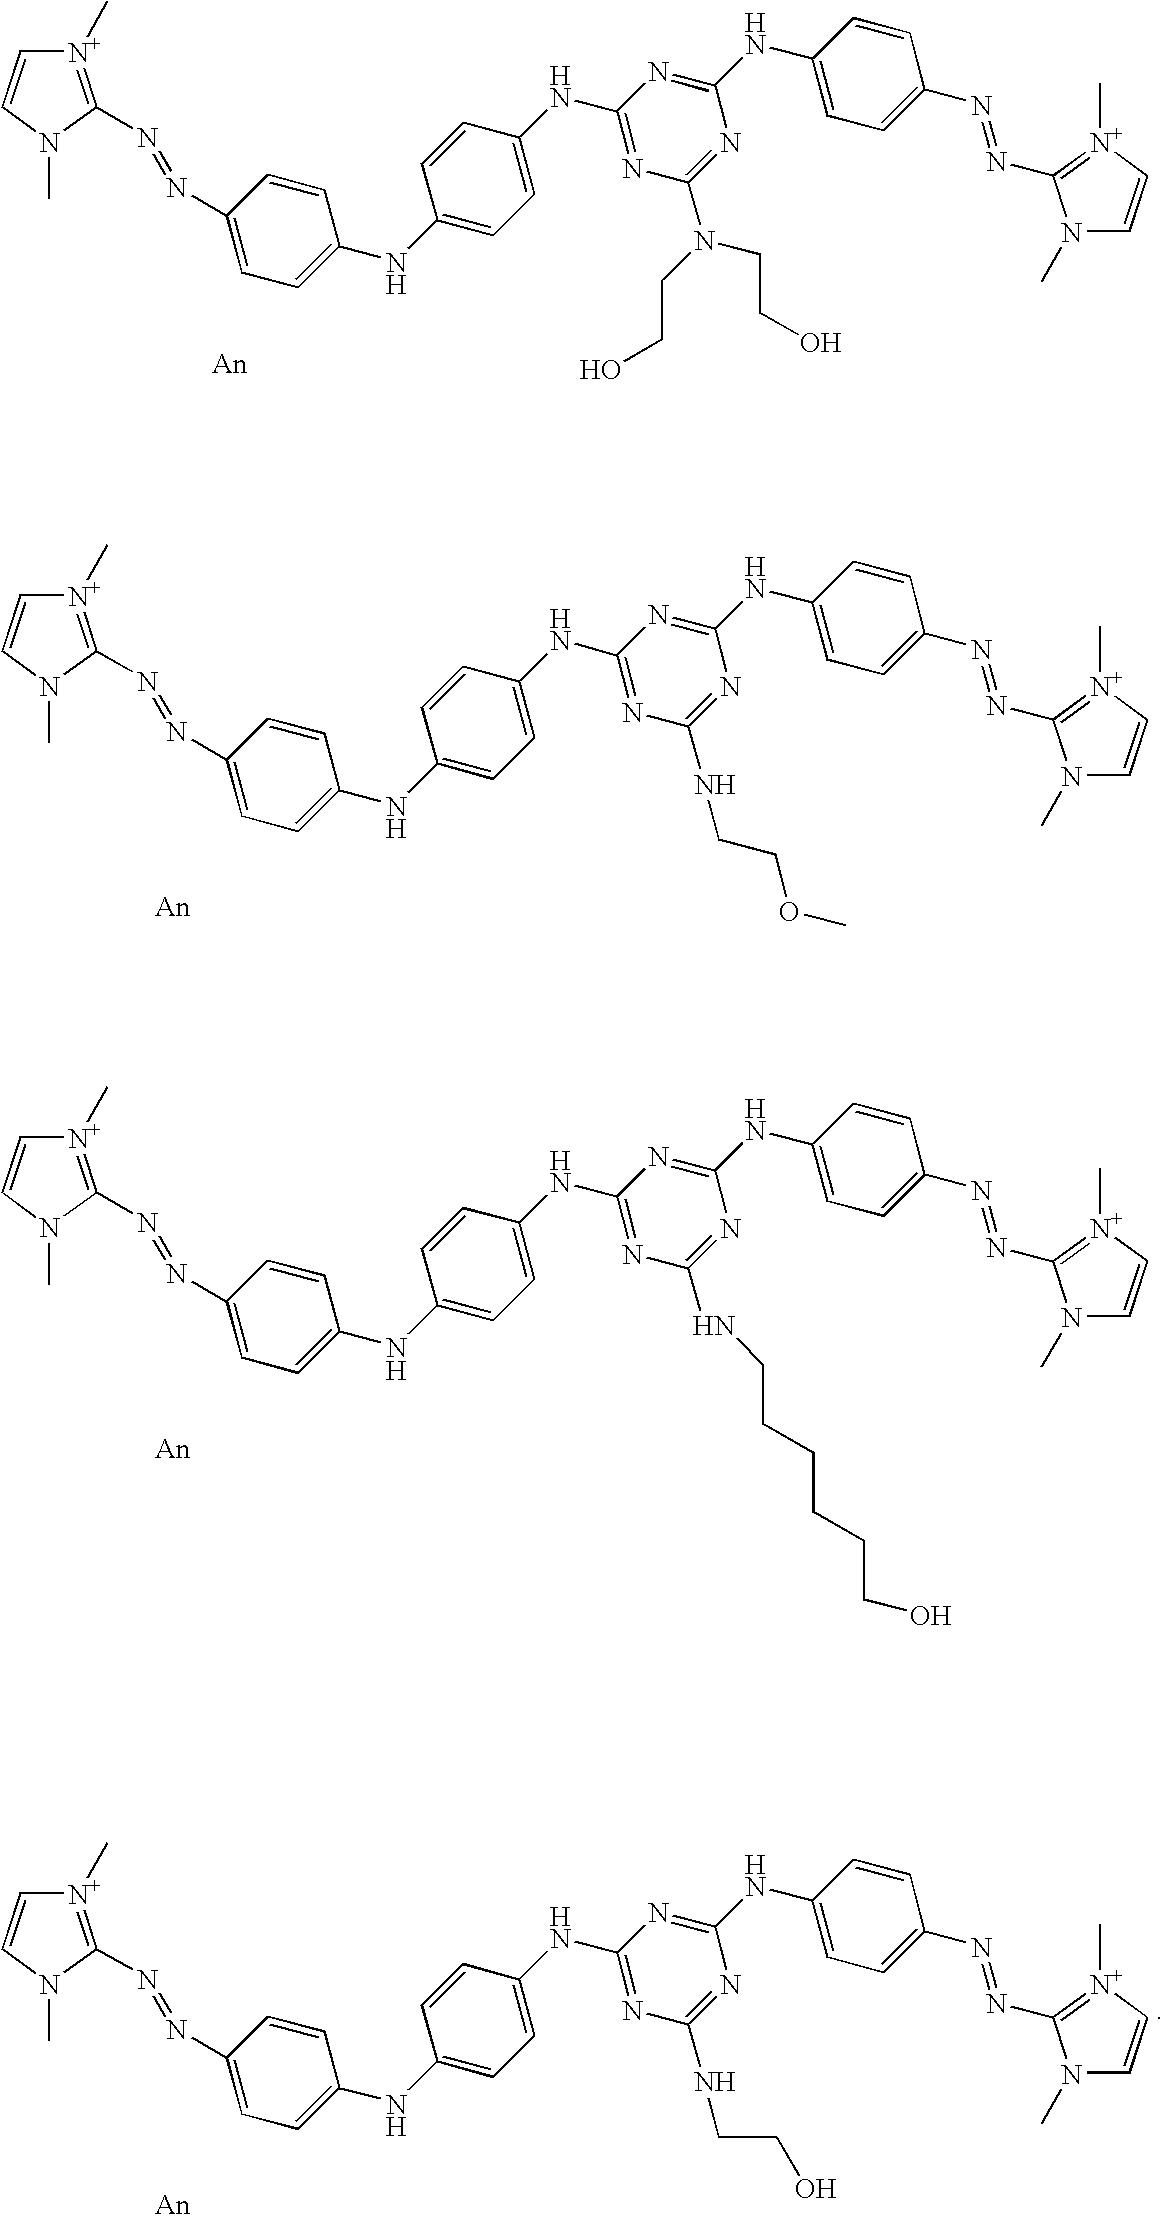 Figure US07201779-20070410-C00030